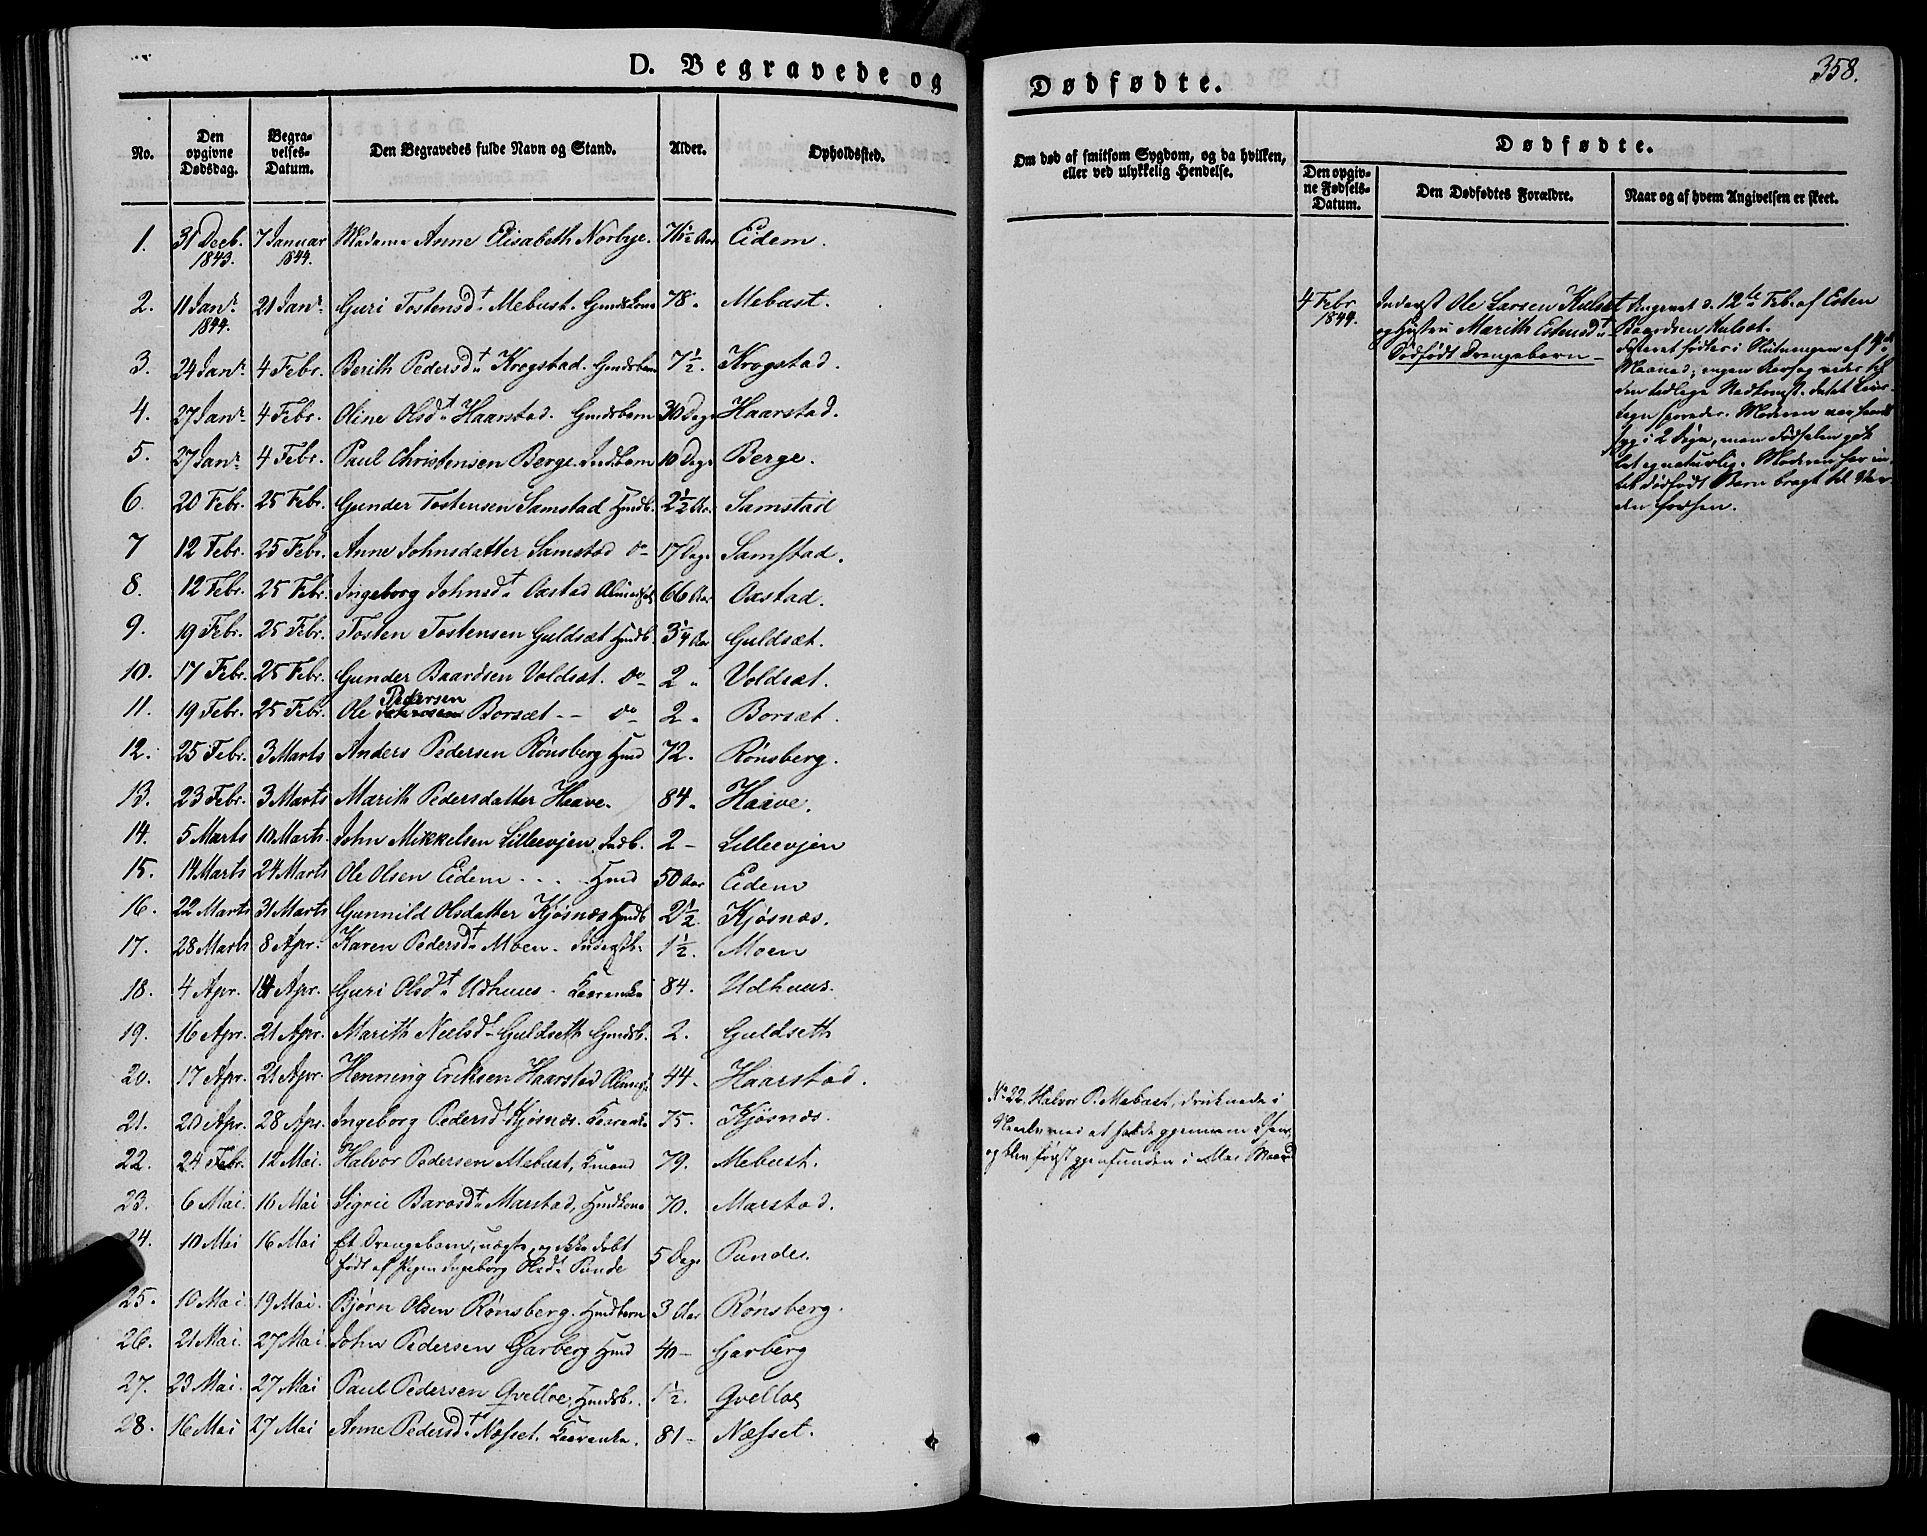 SAT, Ministerialprotokoller, klokkerbøker og fødselsregistre - Sør-Trøndelag, 695/L1145: Ministerialbok nr. 695A06 /1, 1843-1859, s. 358